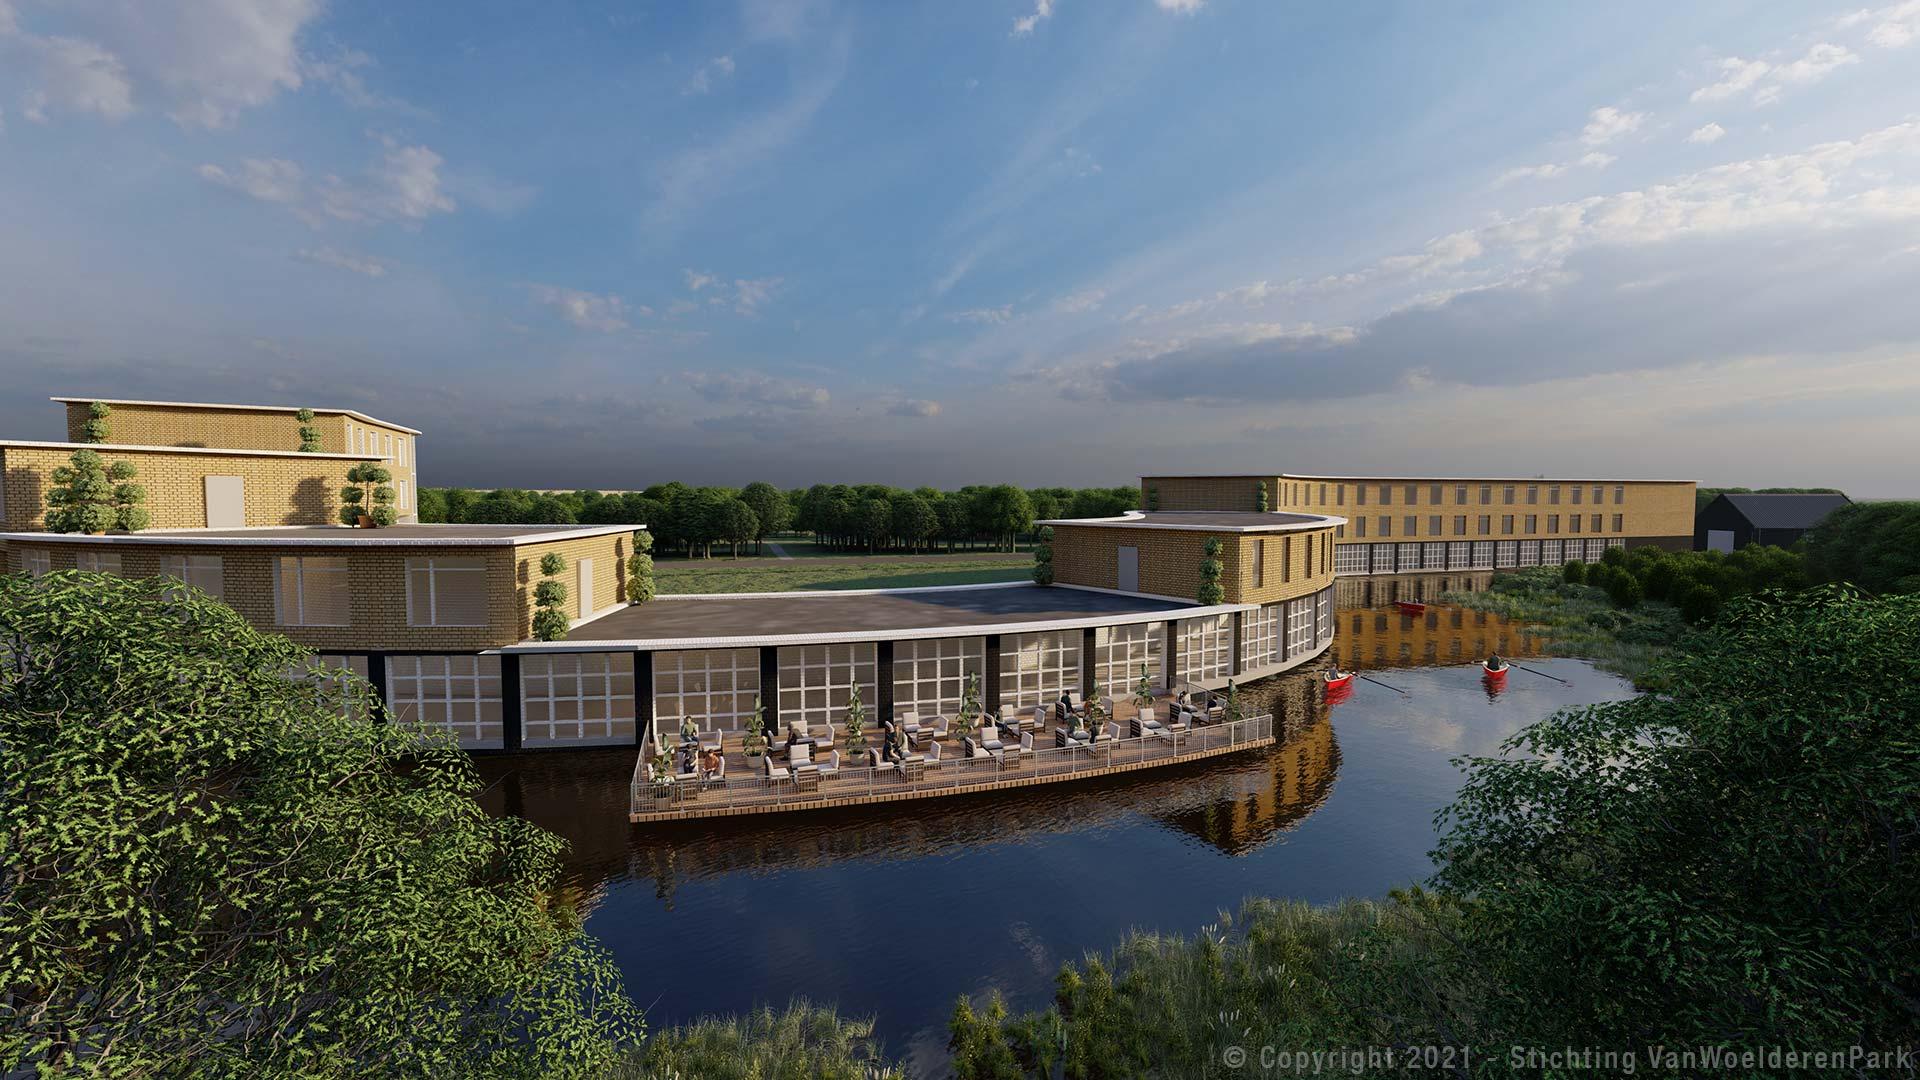 streefbeeld-stichting-van-woelderen-park-2021-gebouw-aan-kreek-na